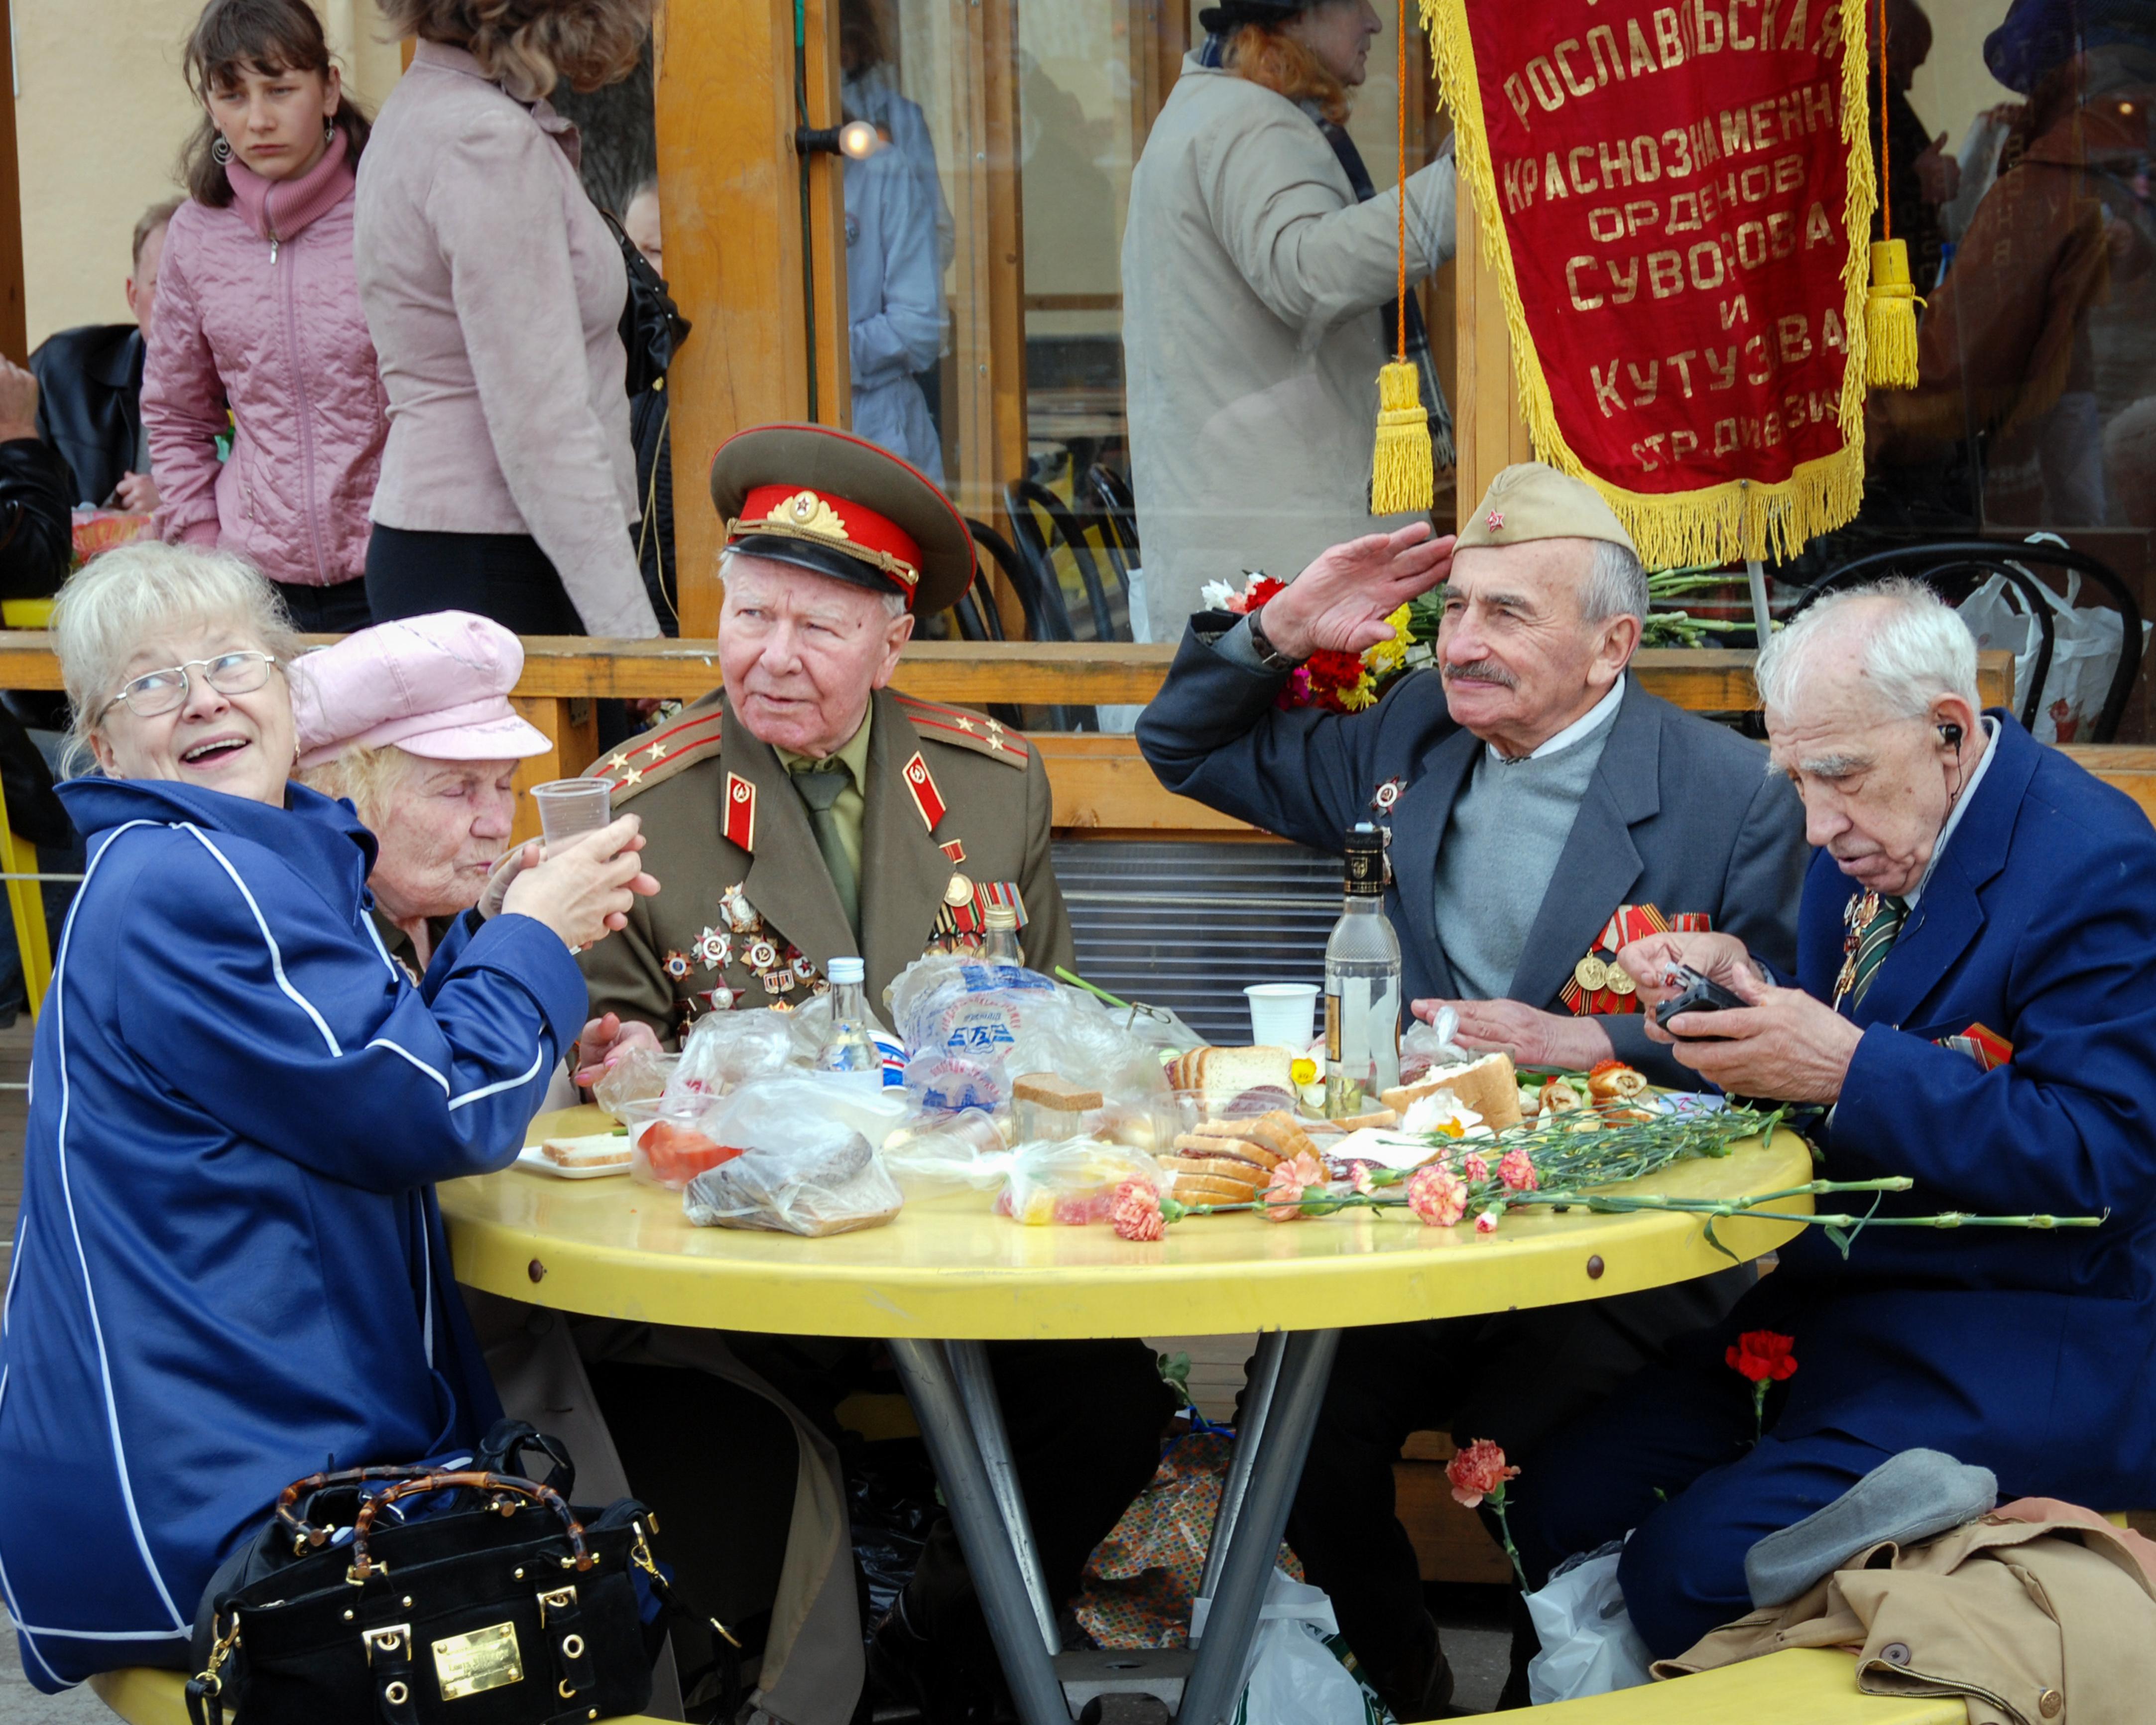 Veterans, Gorky Park 2007